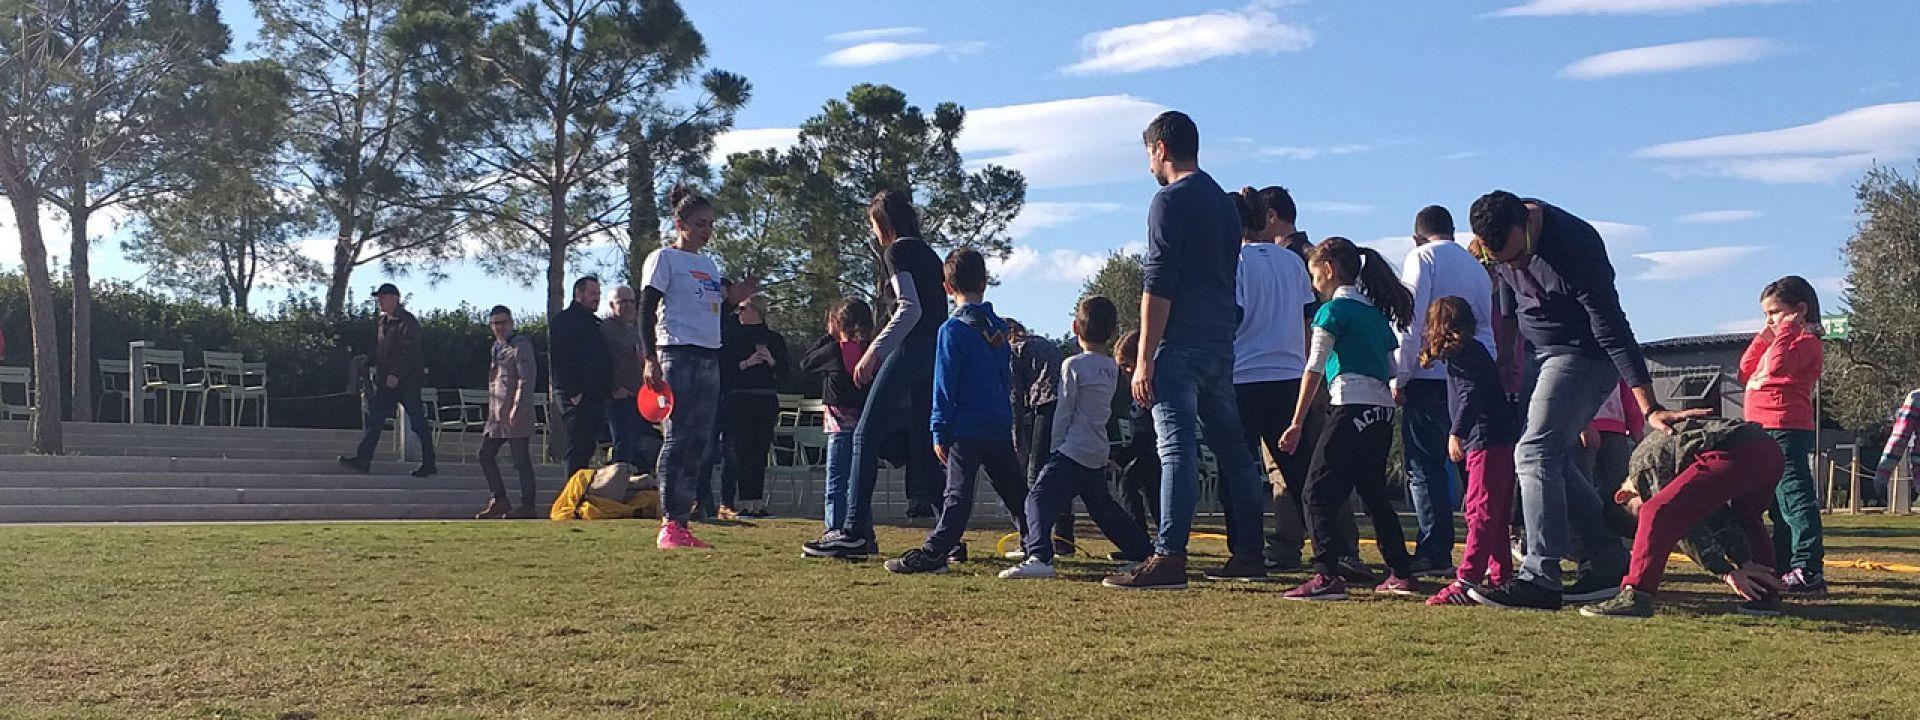 Φωτογραφία από παιδιά και ενήλικες που συμμετέχουν σε διασκεδαστικές δραστηριότητες και παιχνίδια στο Πάρκο Σταύρος Νιάρχος